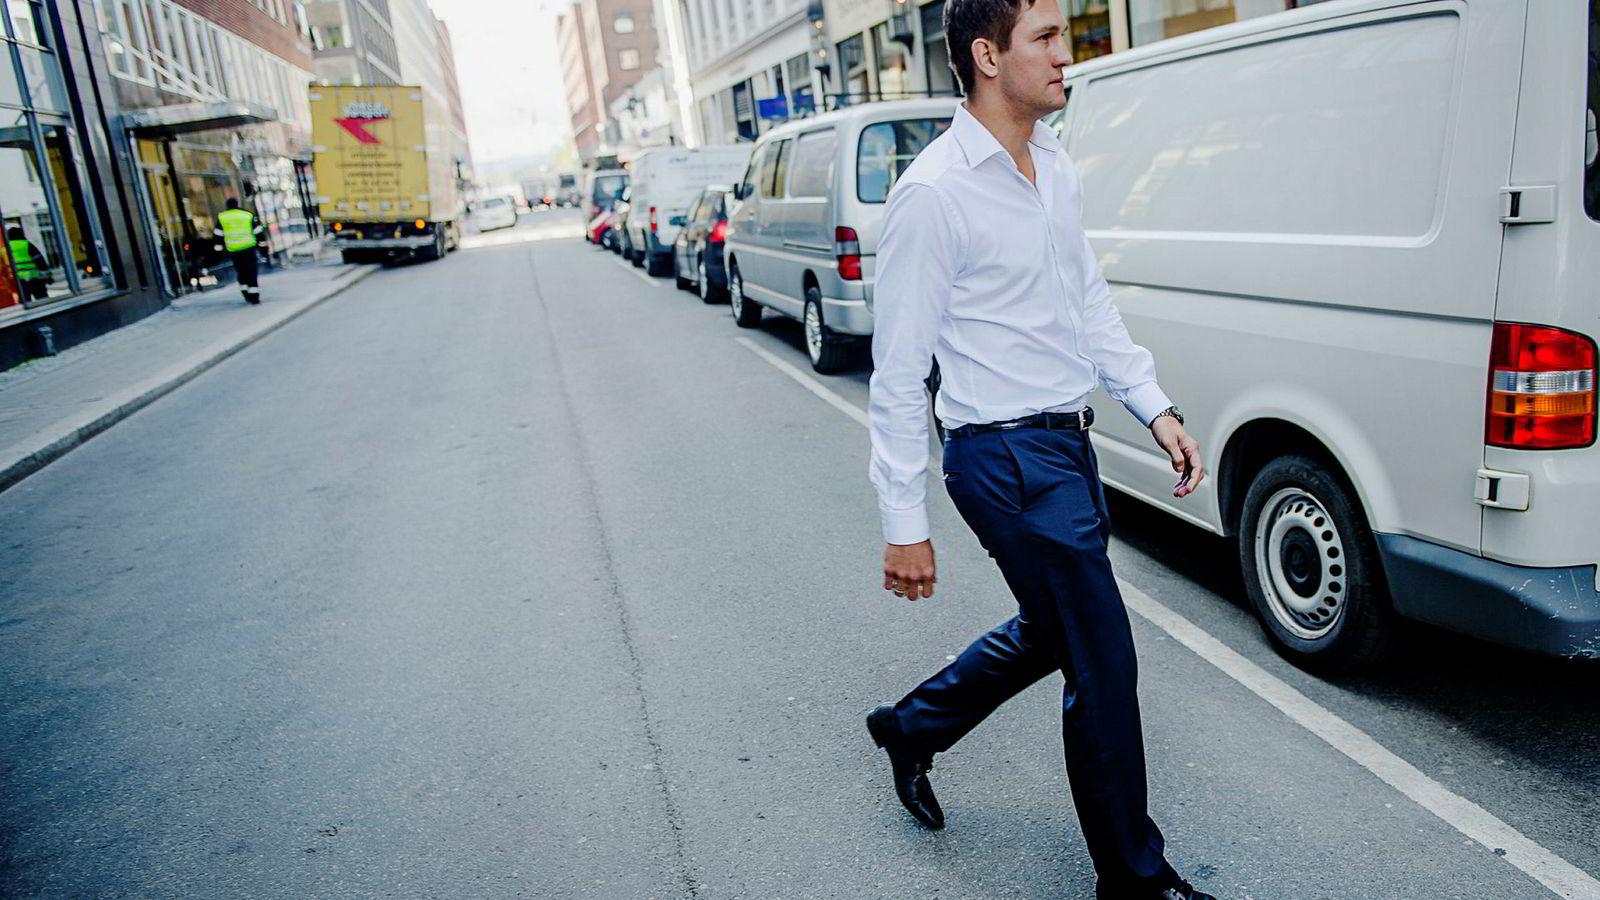 Norgessjef Carl Edvard Endresen i Uber øyner en åpning når Esa nå krever at Norge gjør noe med drosjeløyveordningen. Foto: Hampus Lundgren